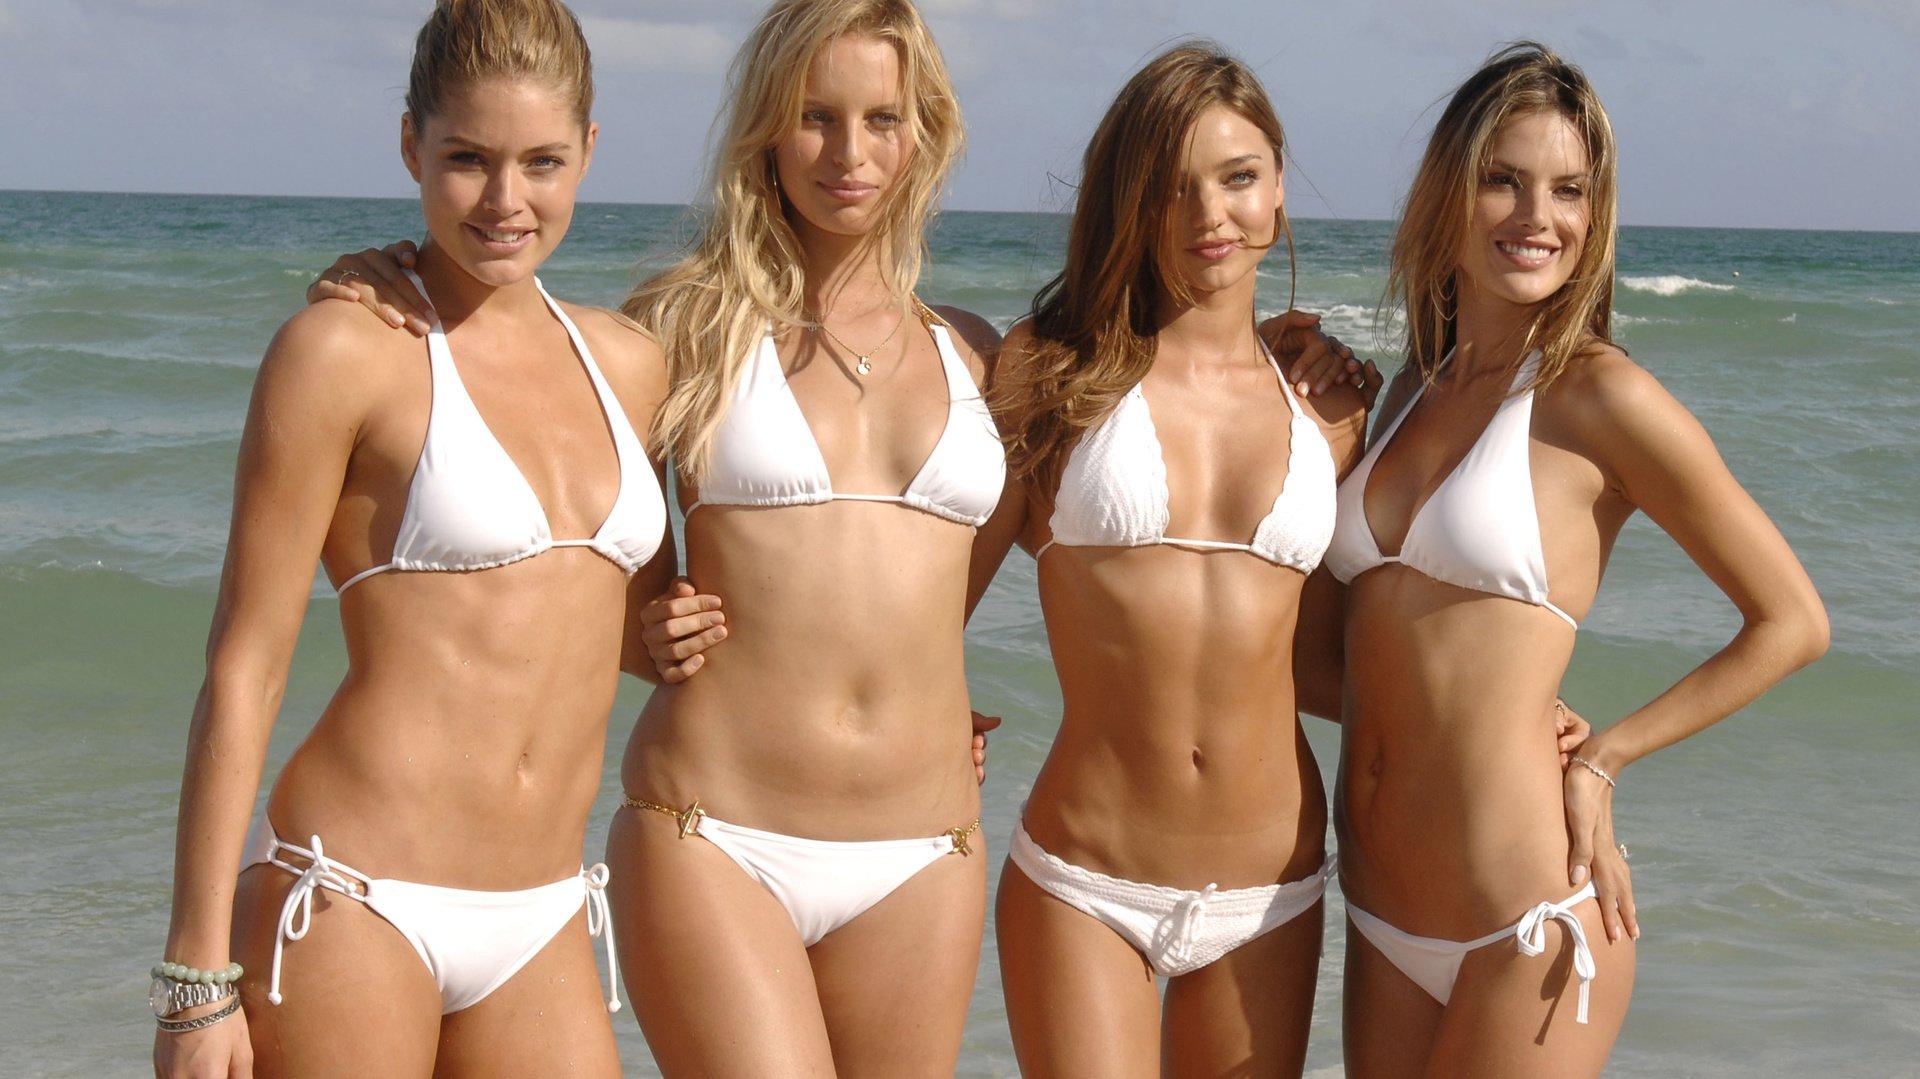 Юные девочки модели в трусиках и без 24 фотография